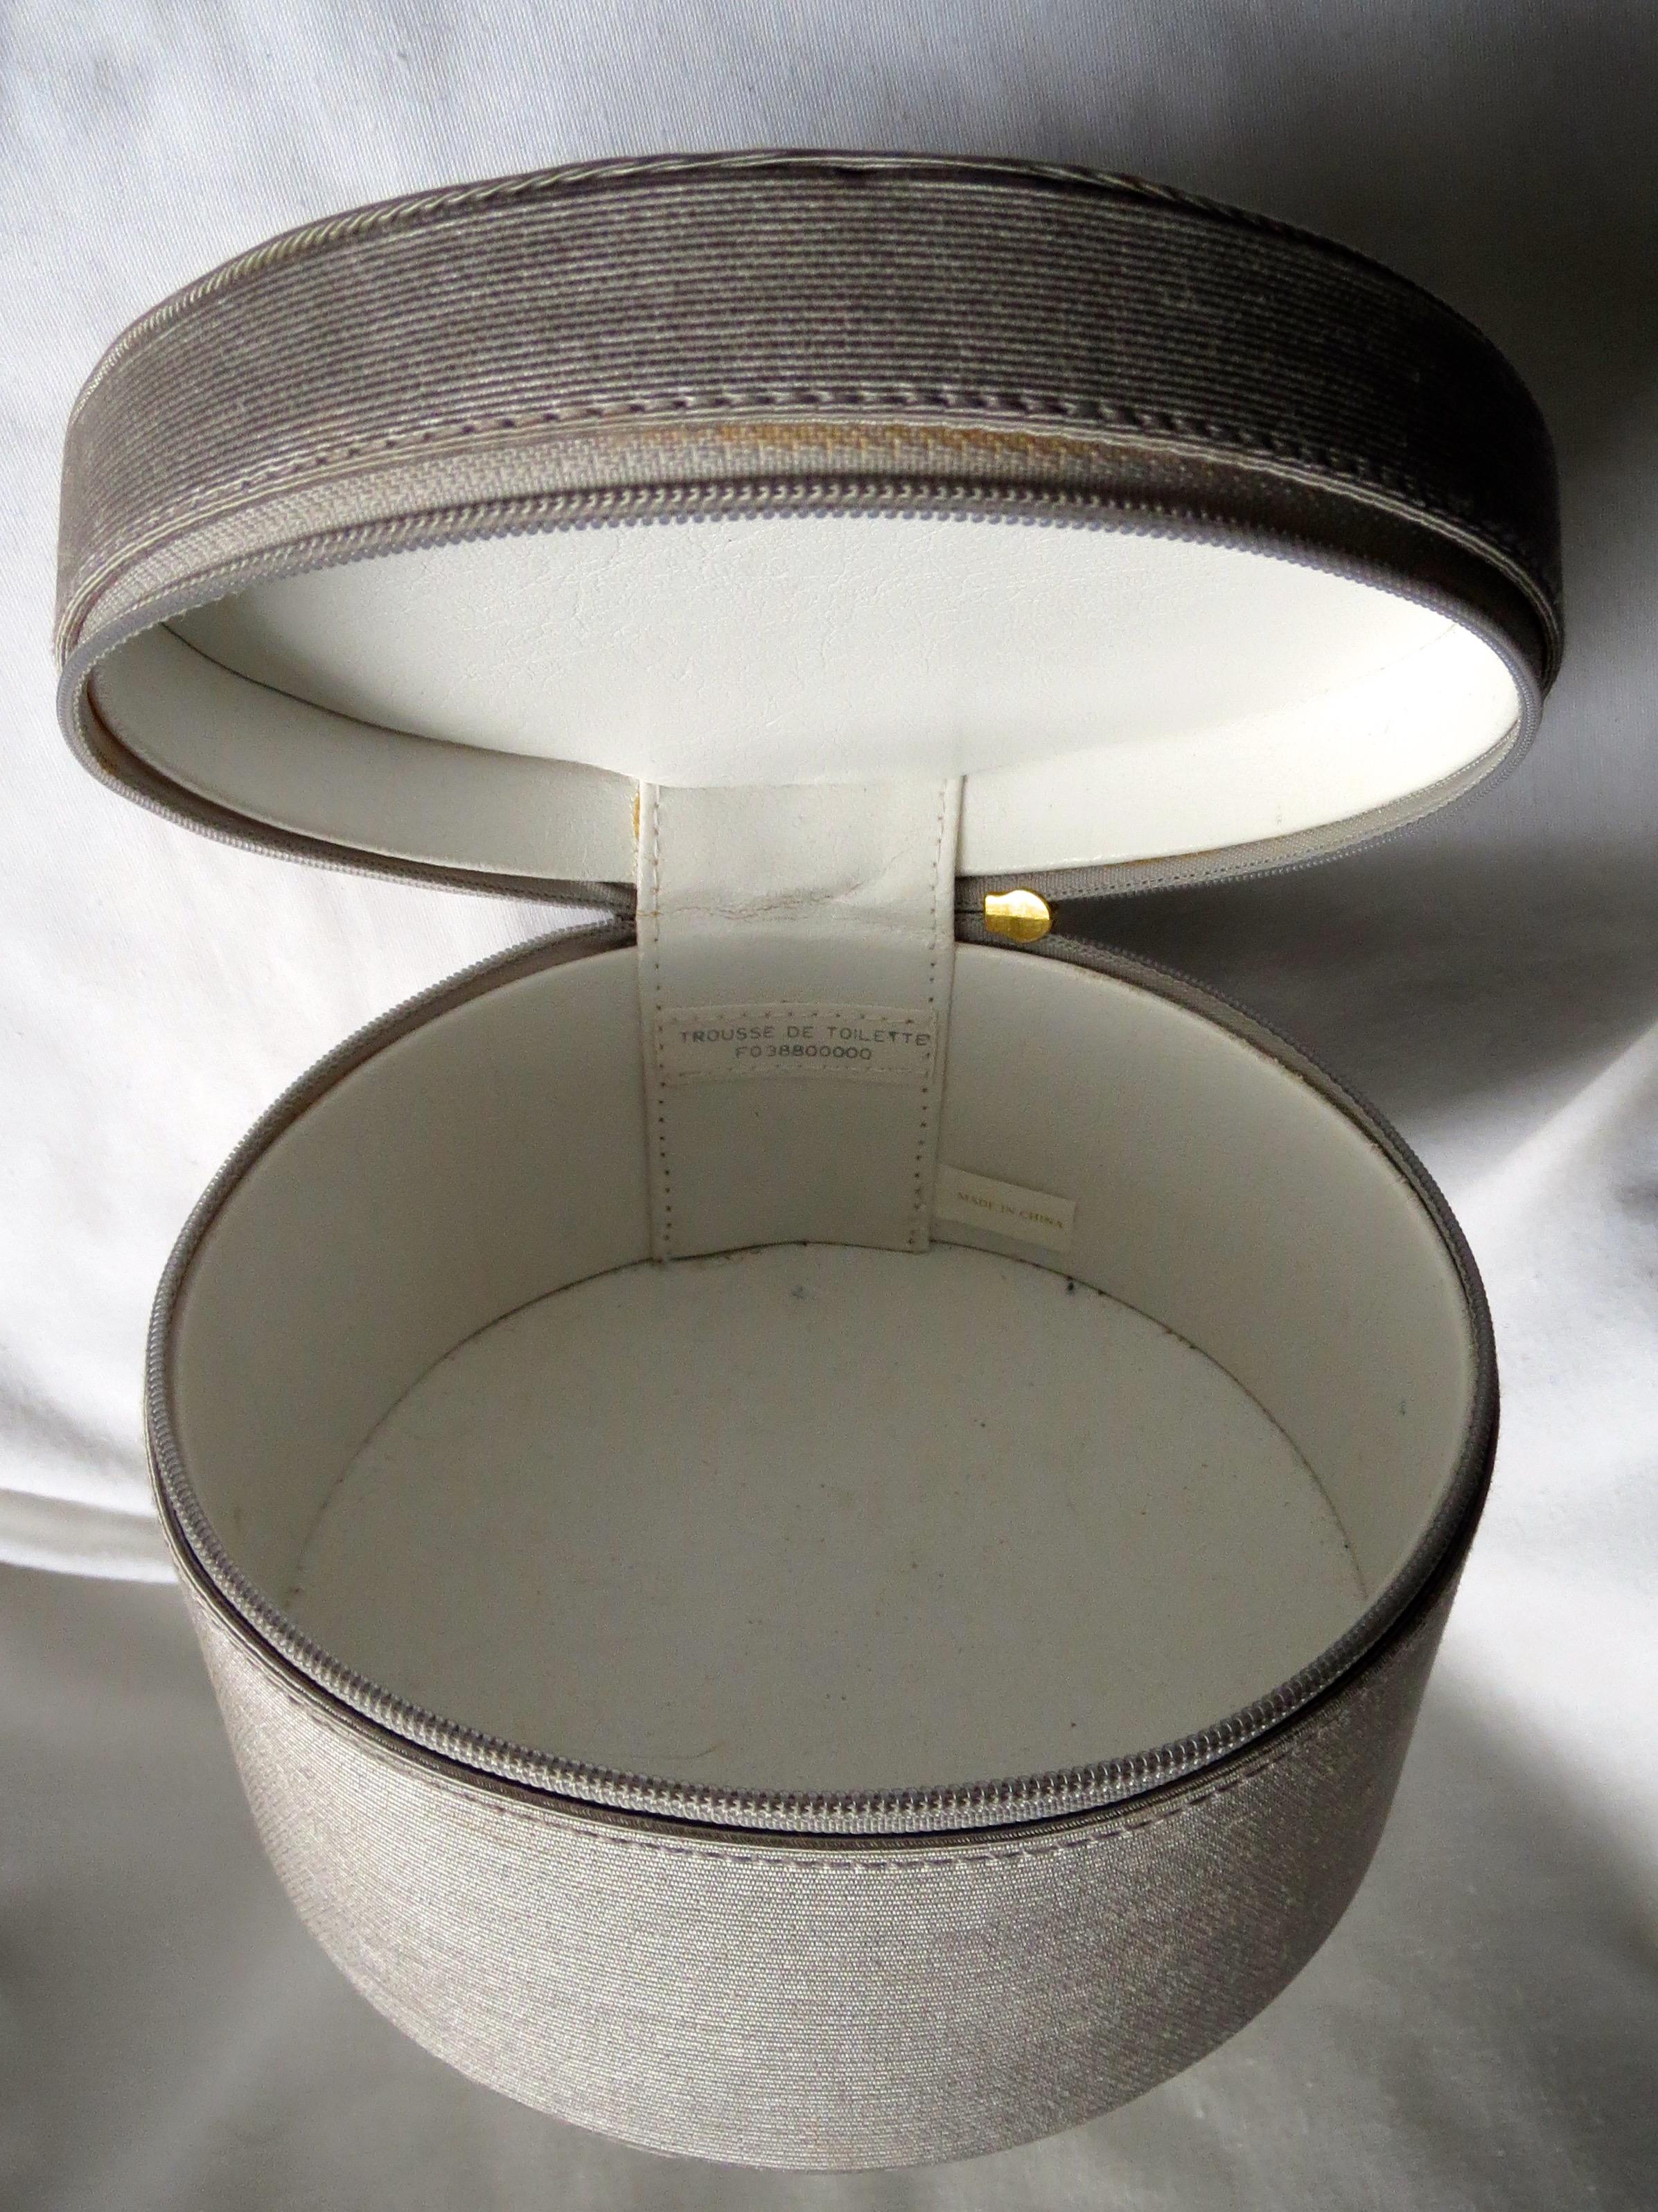 vintage toilet make up bag trousse de toilette vees cave. Black Bedroom Furniture Sets. Home Design Ideas